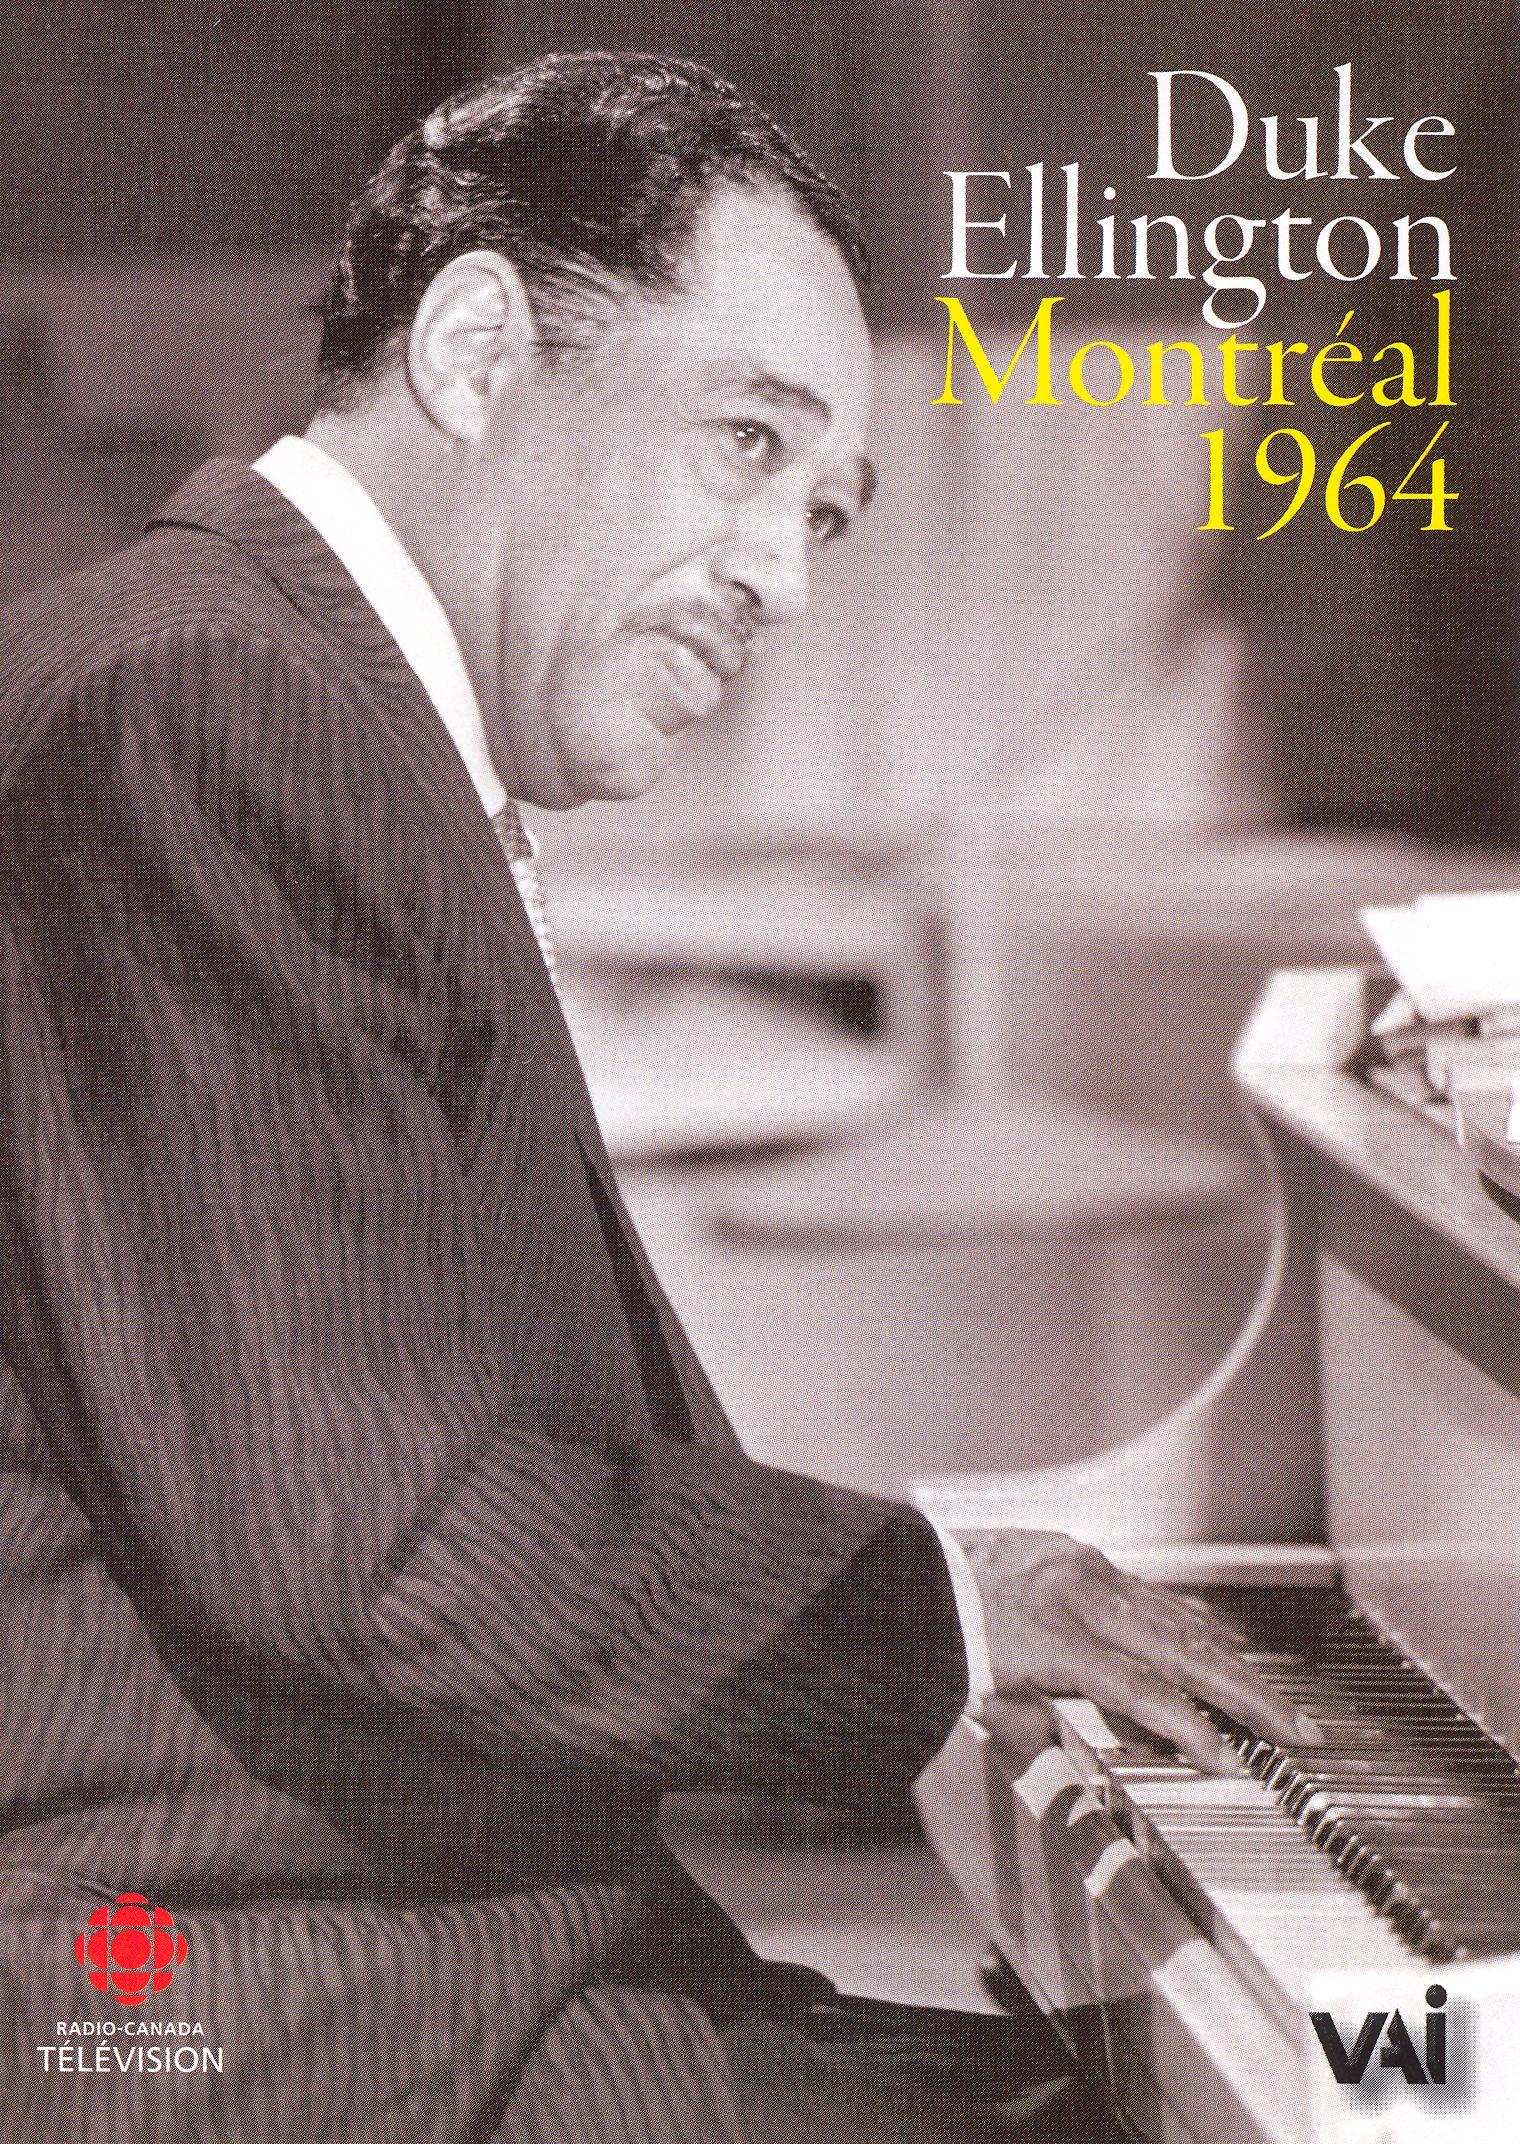 Duke Ellington: Montréal 1964